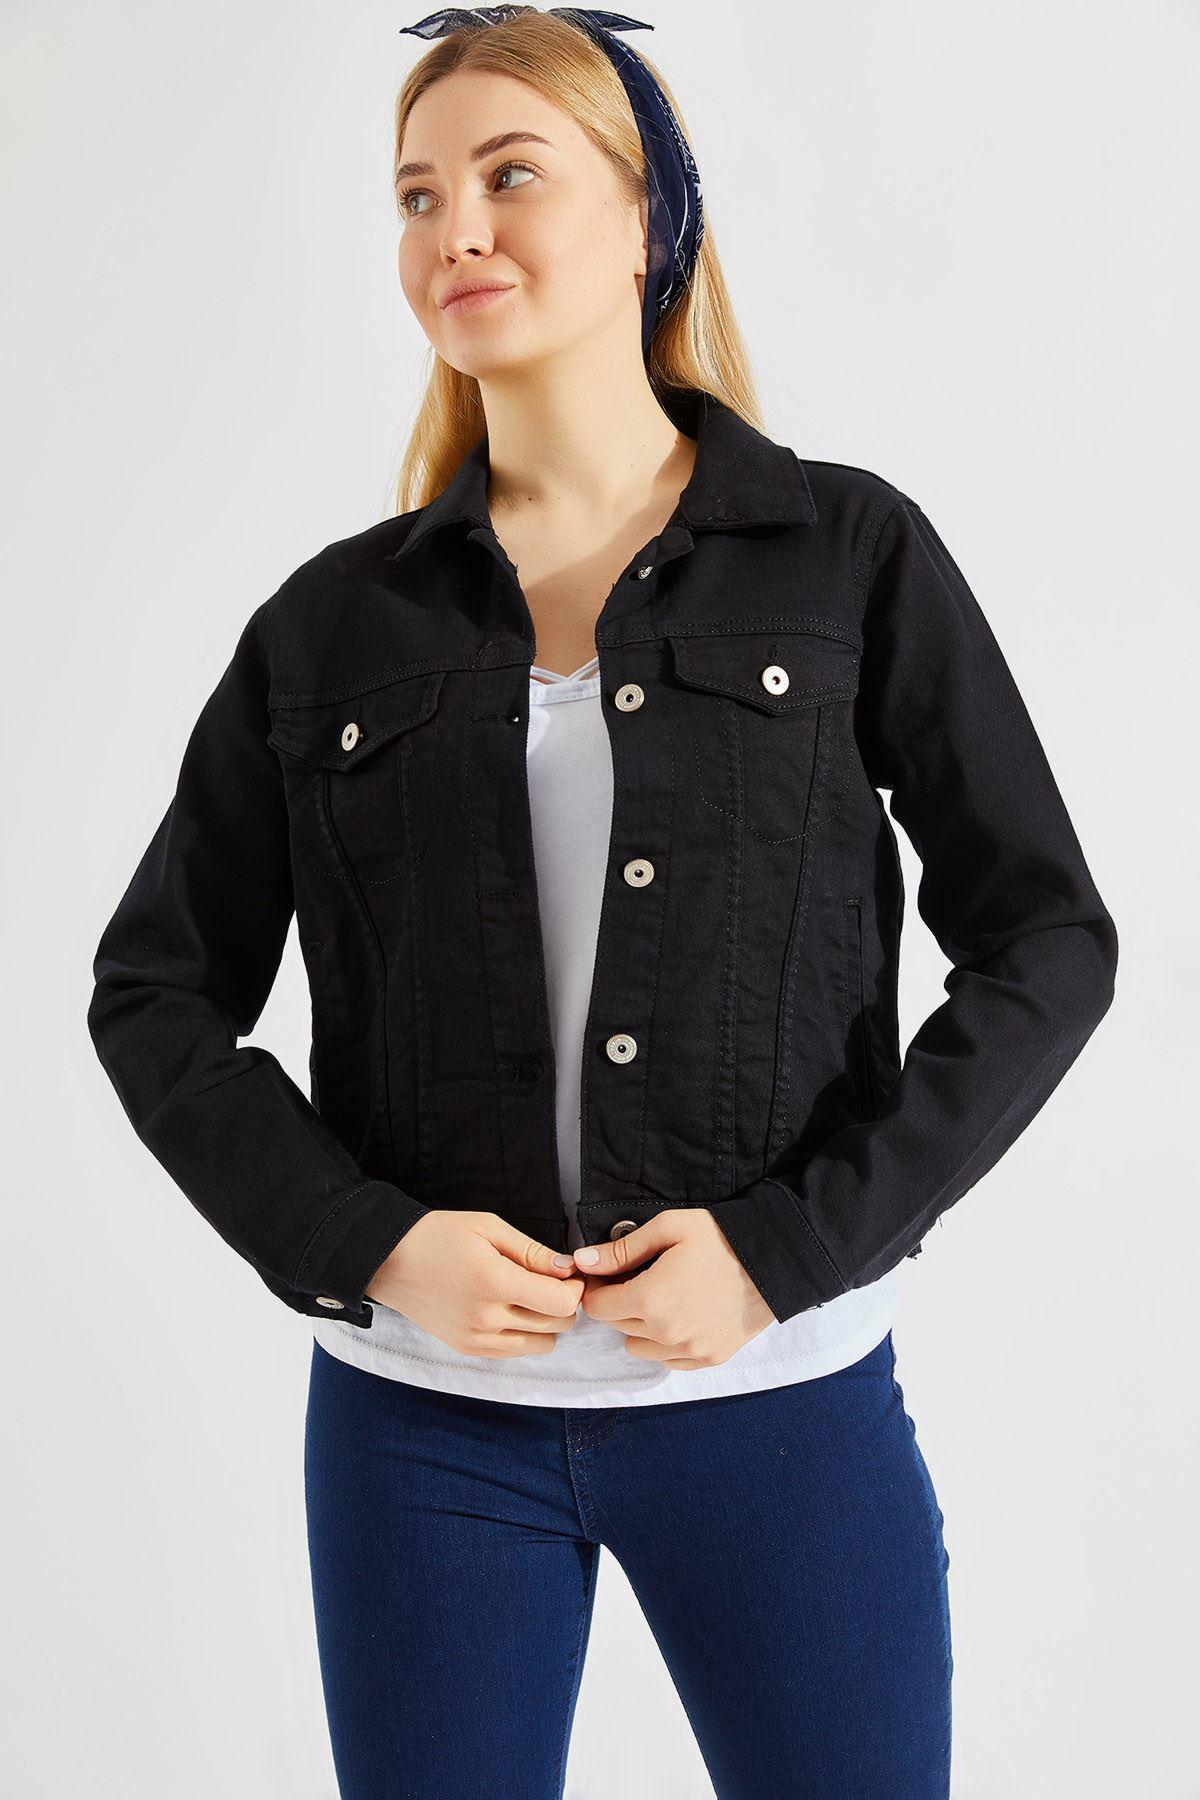 Kadın Likralı Siyah Kot Ceket